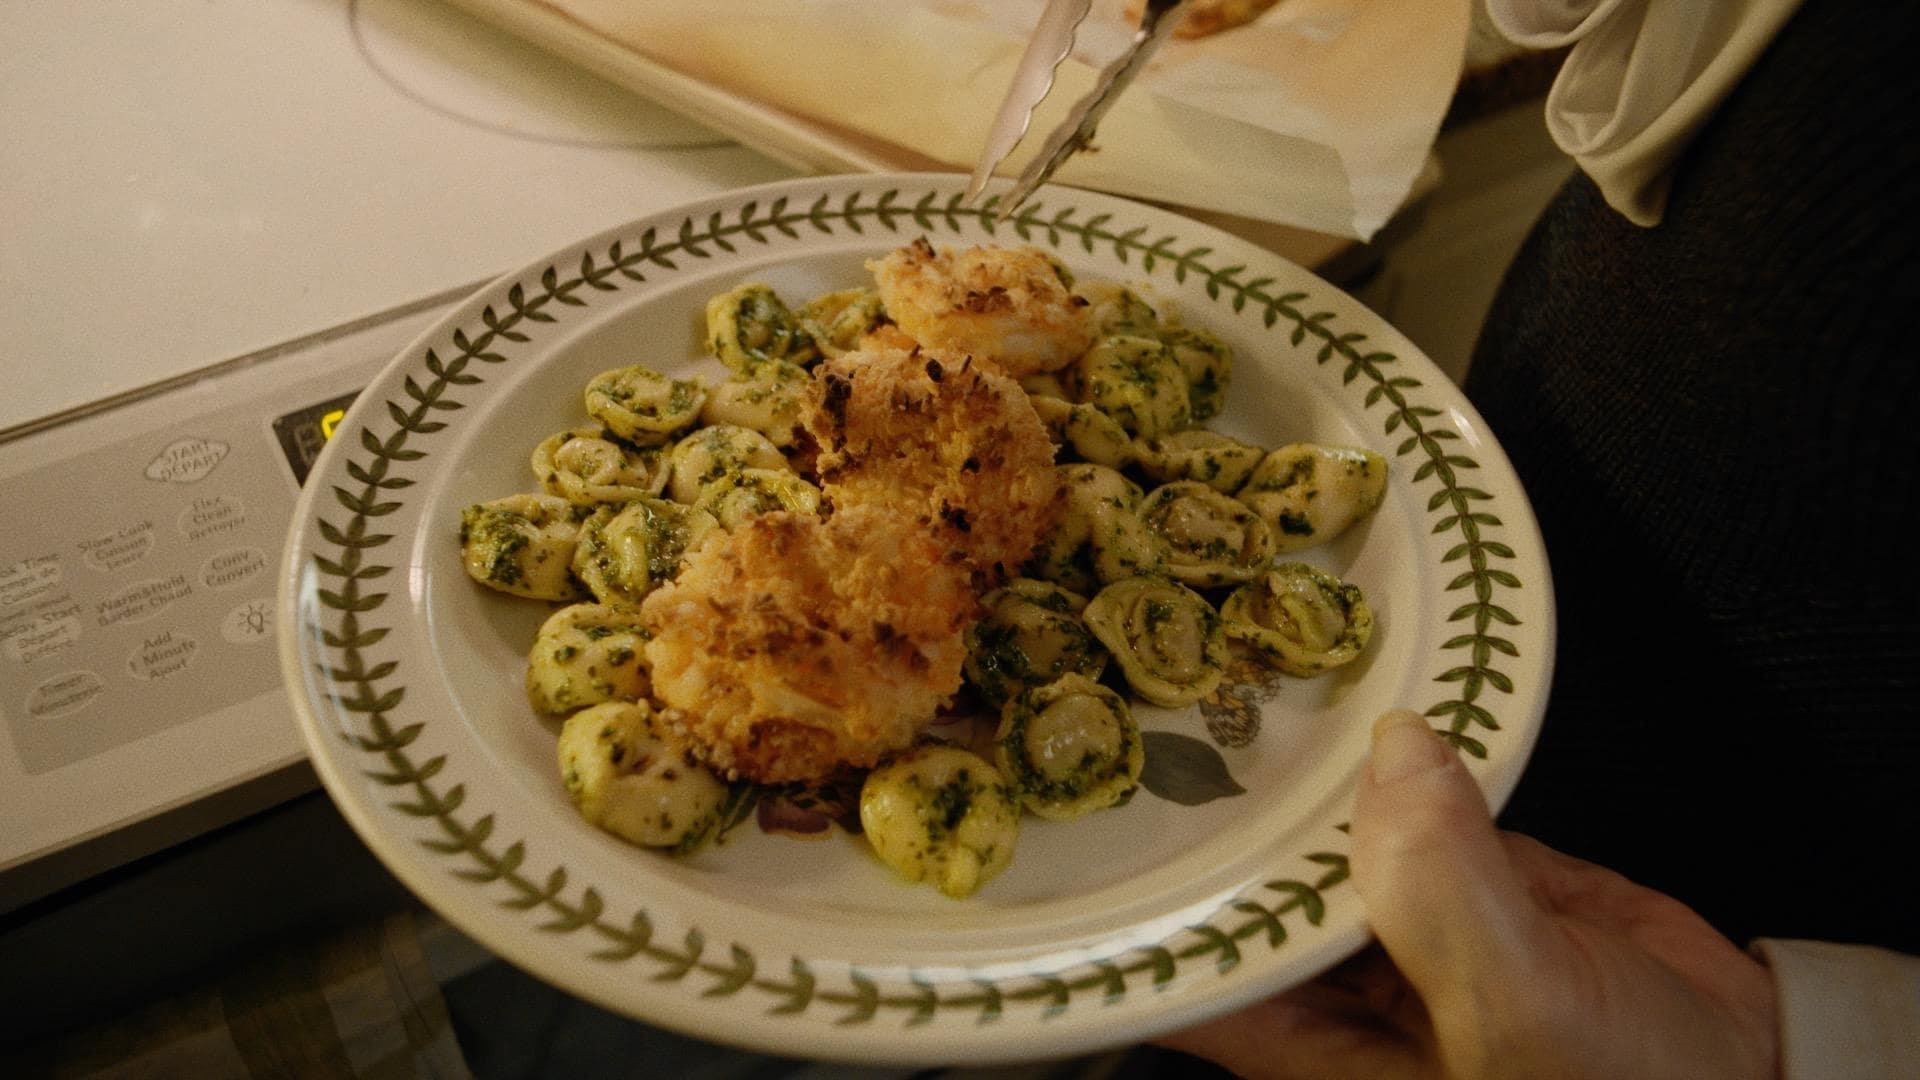 Une assiette avec crevettes croustillantes à la noix de coco et tortellinis au pesto.